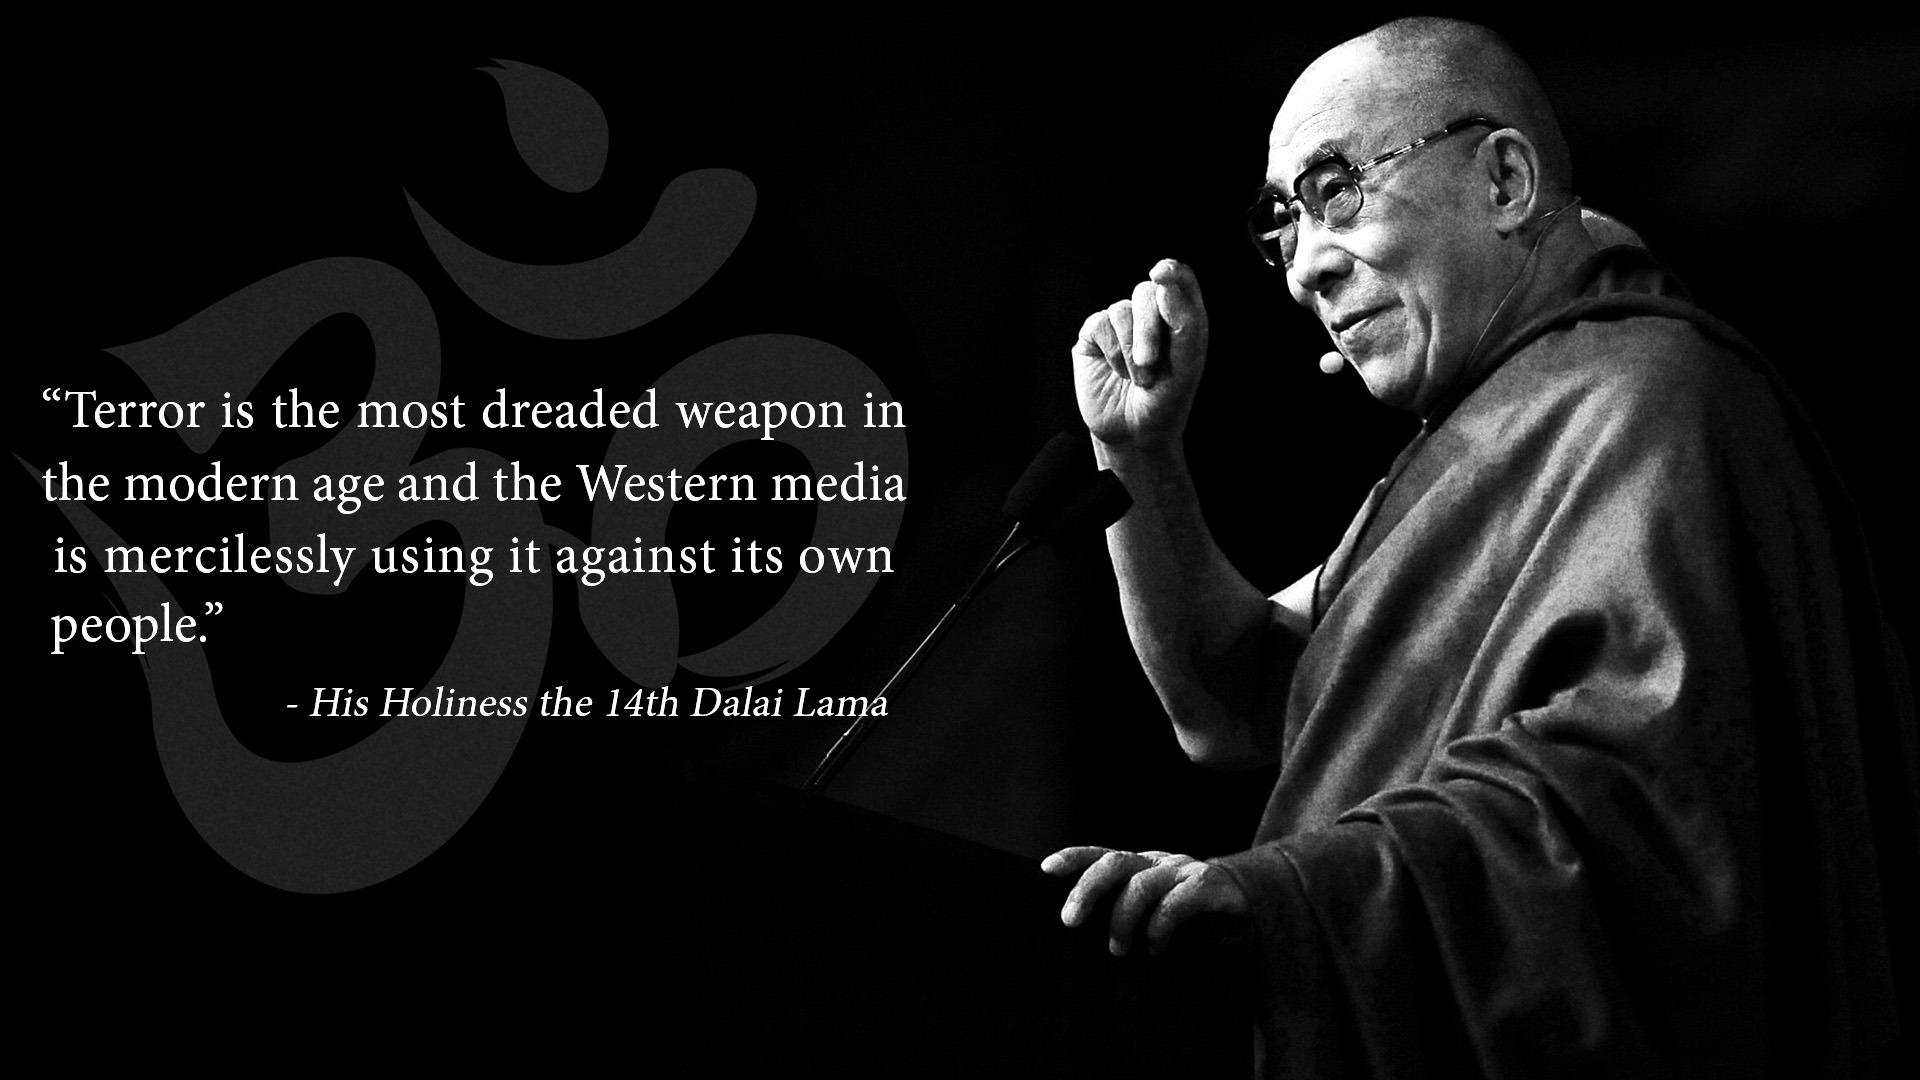 Dalai Lama Dalai Lama Background Quote 1364543 Hd